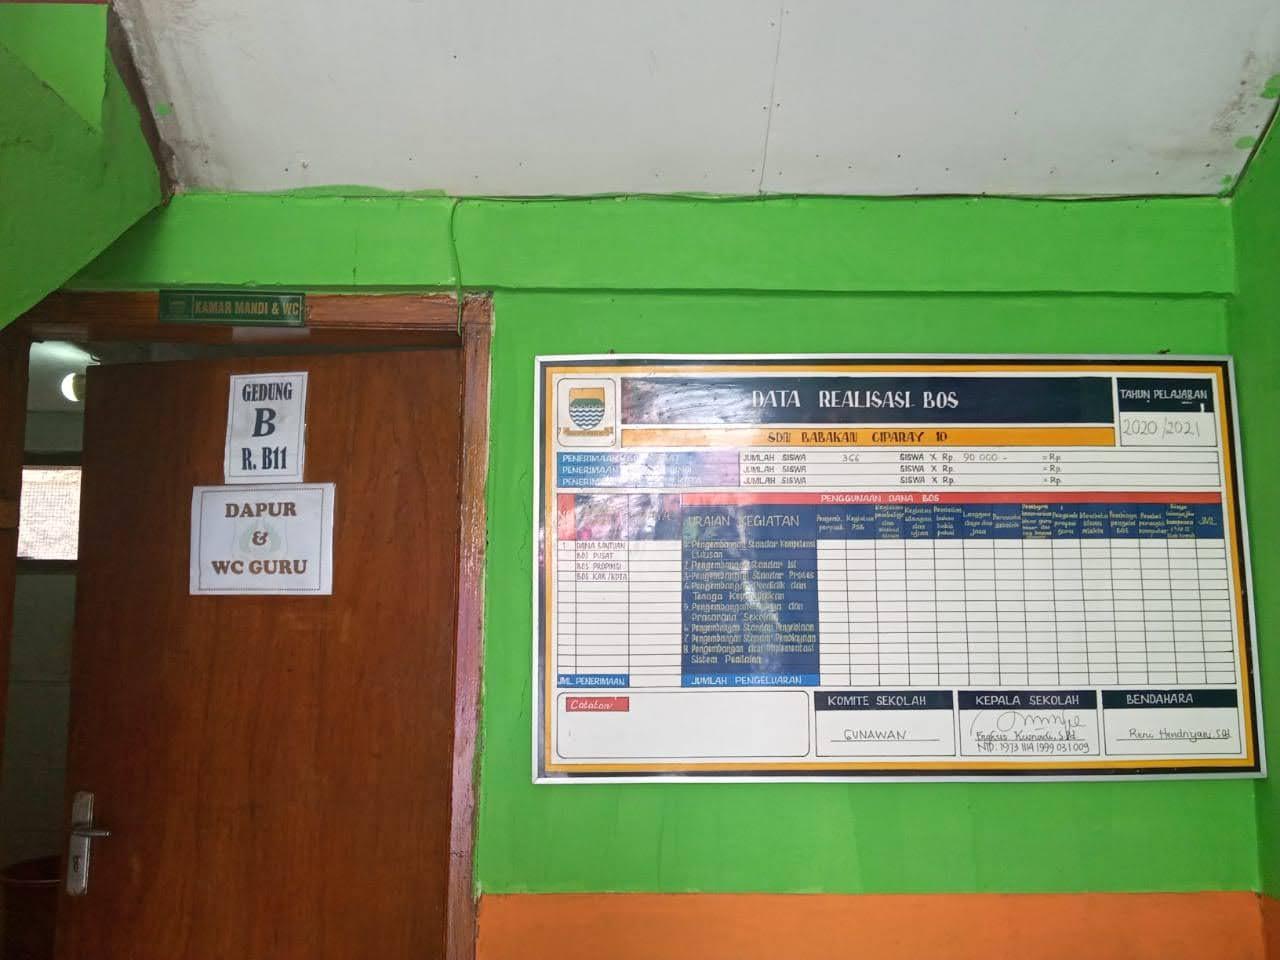 Foto Ruang Dapur dan WC Guru tampak depan